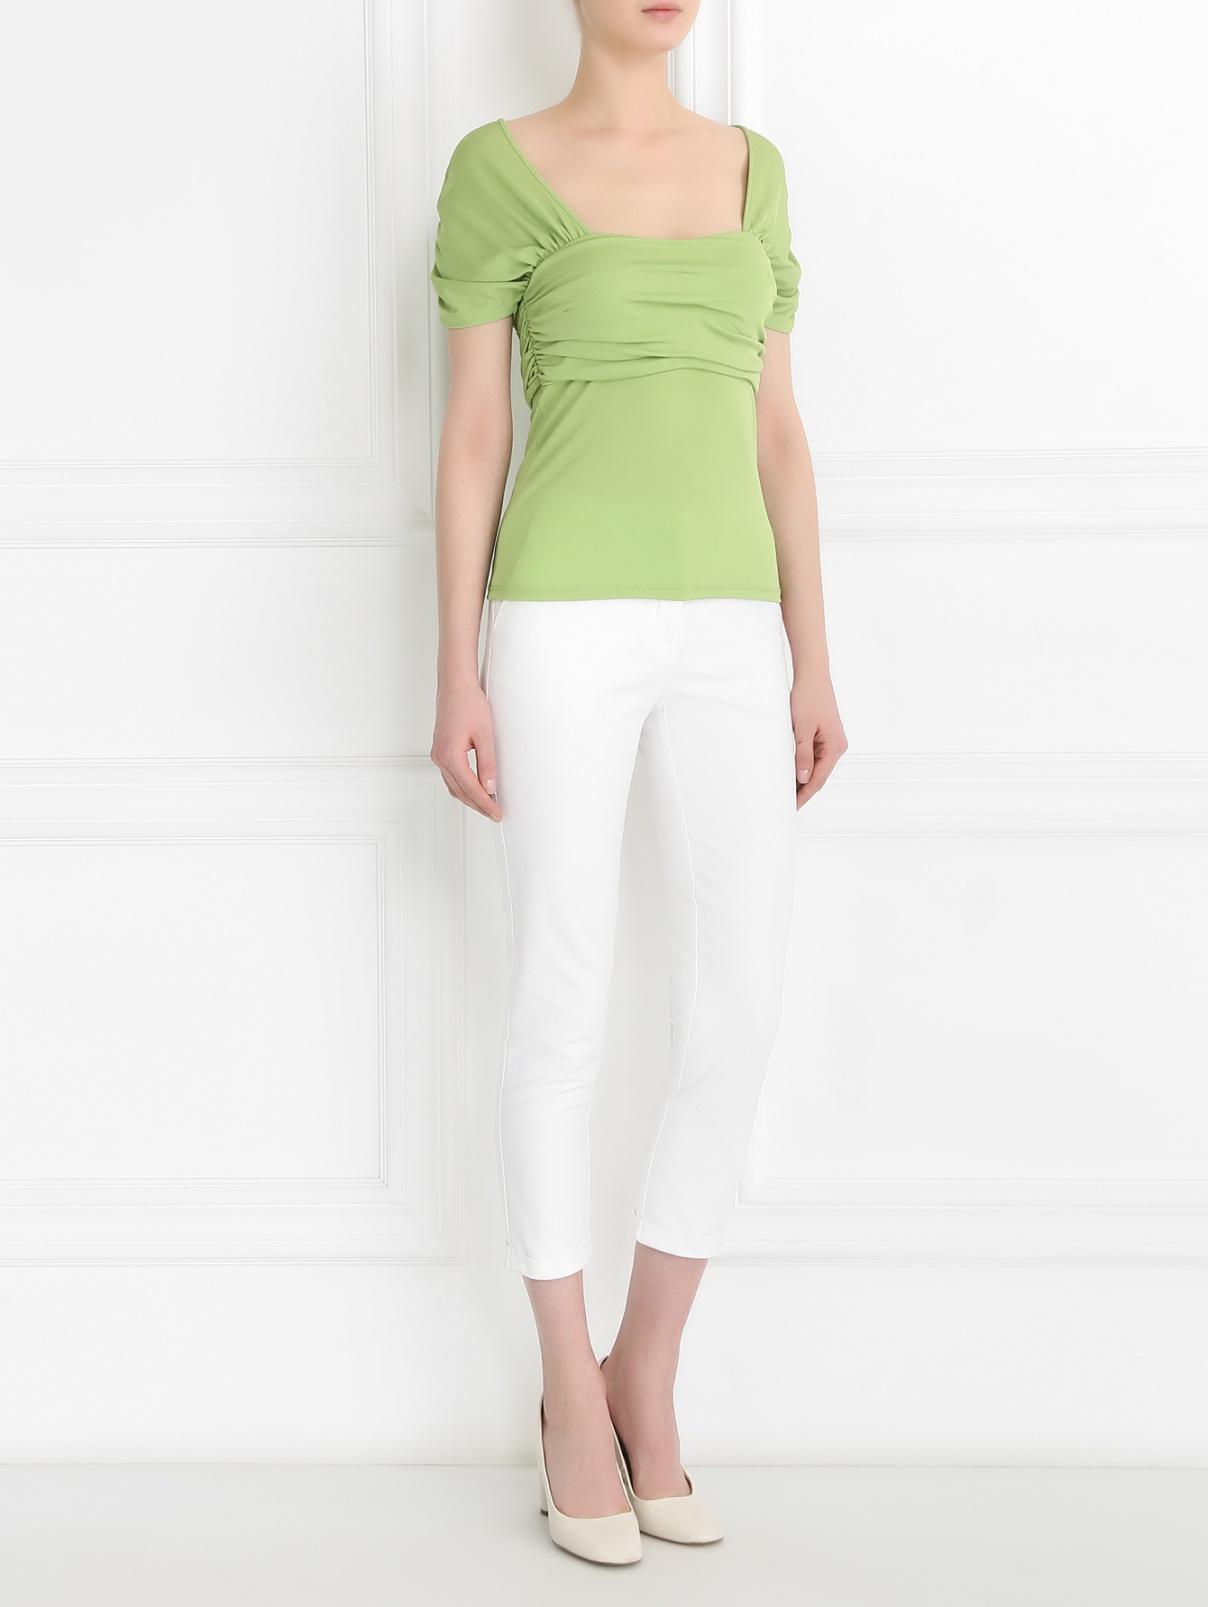 Топ с драпировкой Mariella Burani  –  Модель Общий вид  – Цвет:  Зеленый